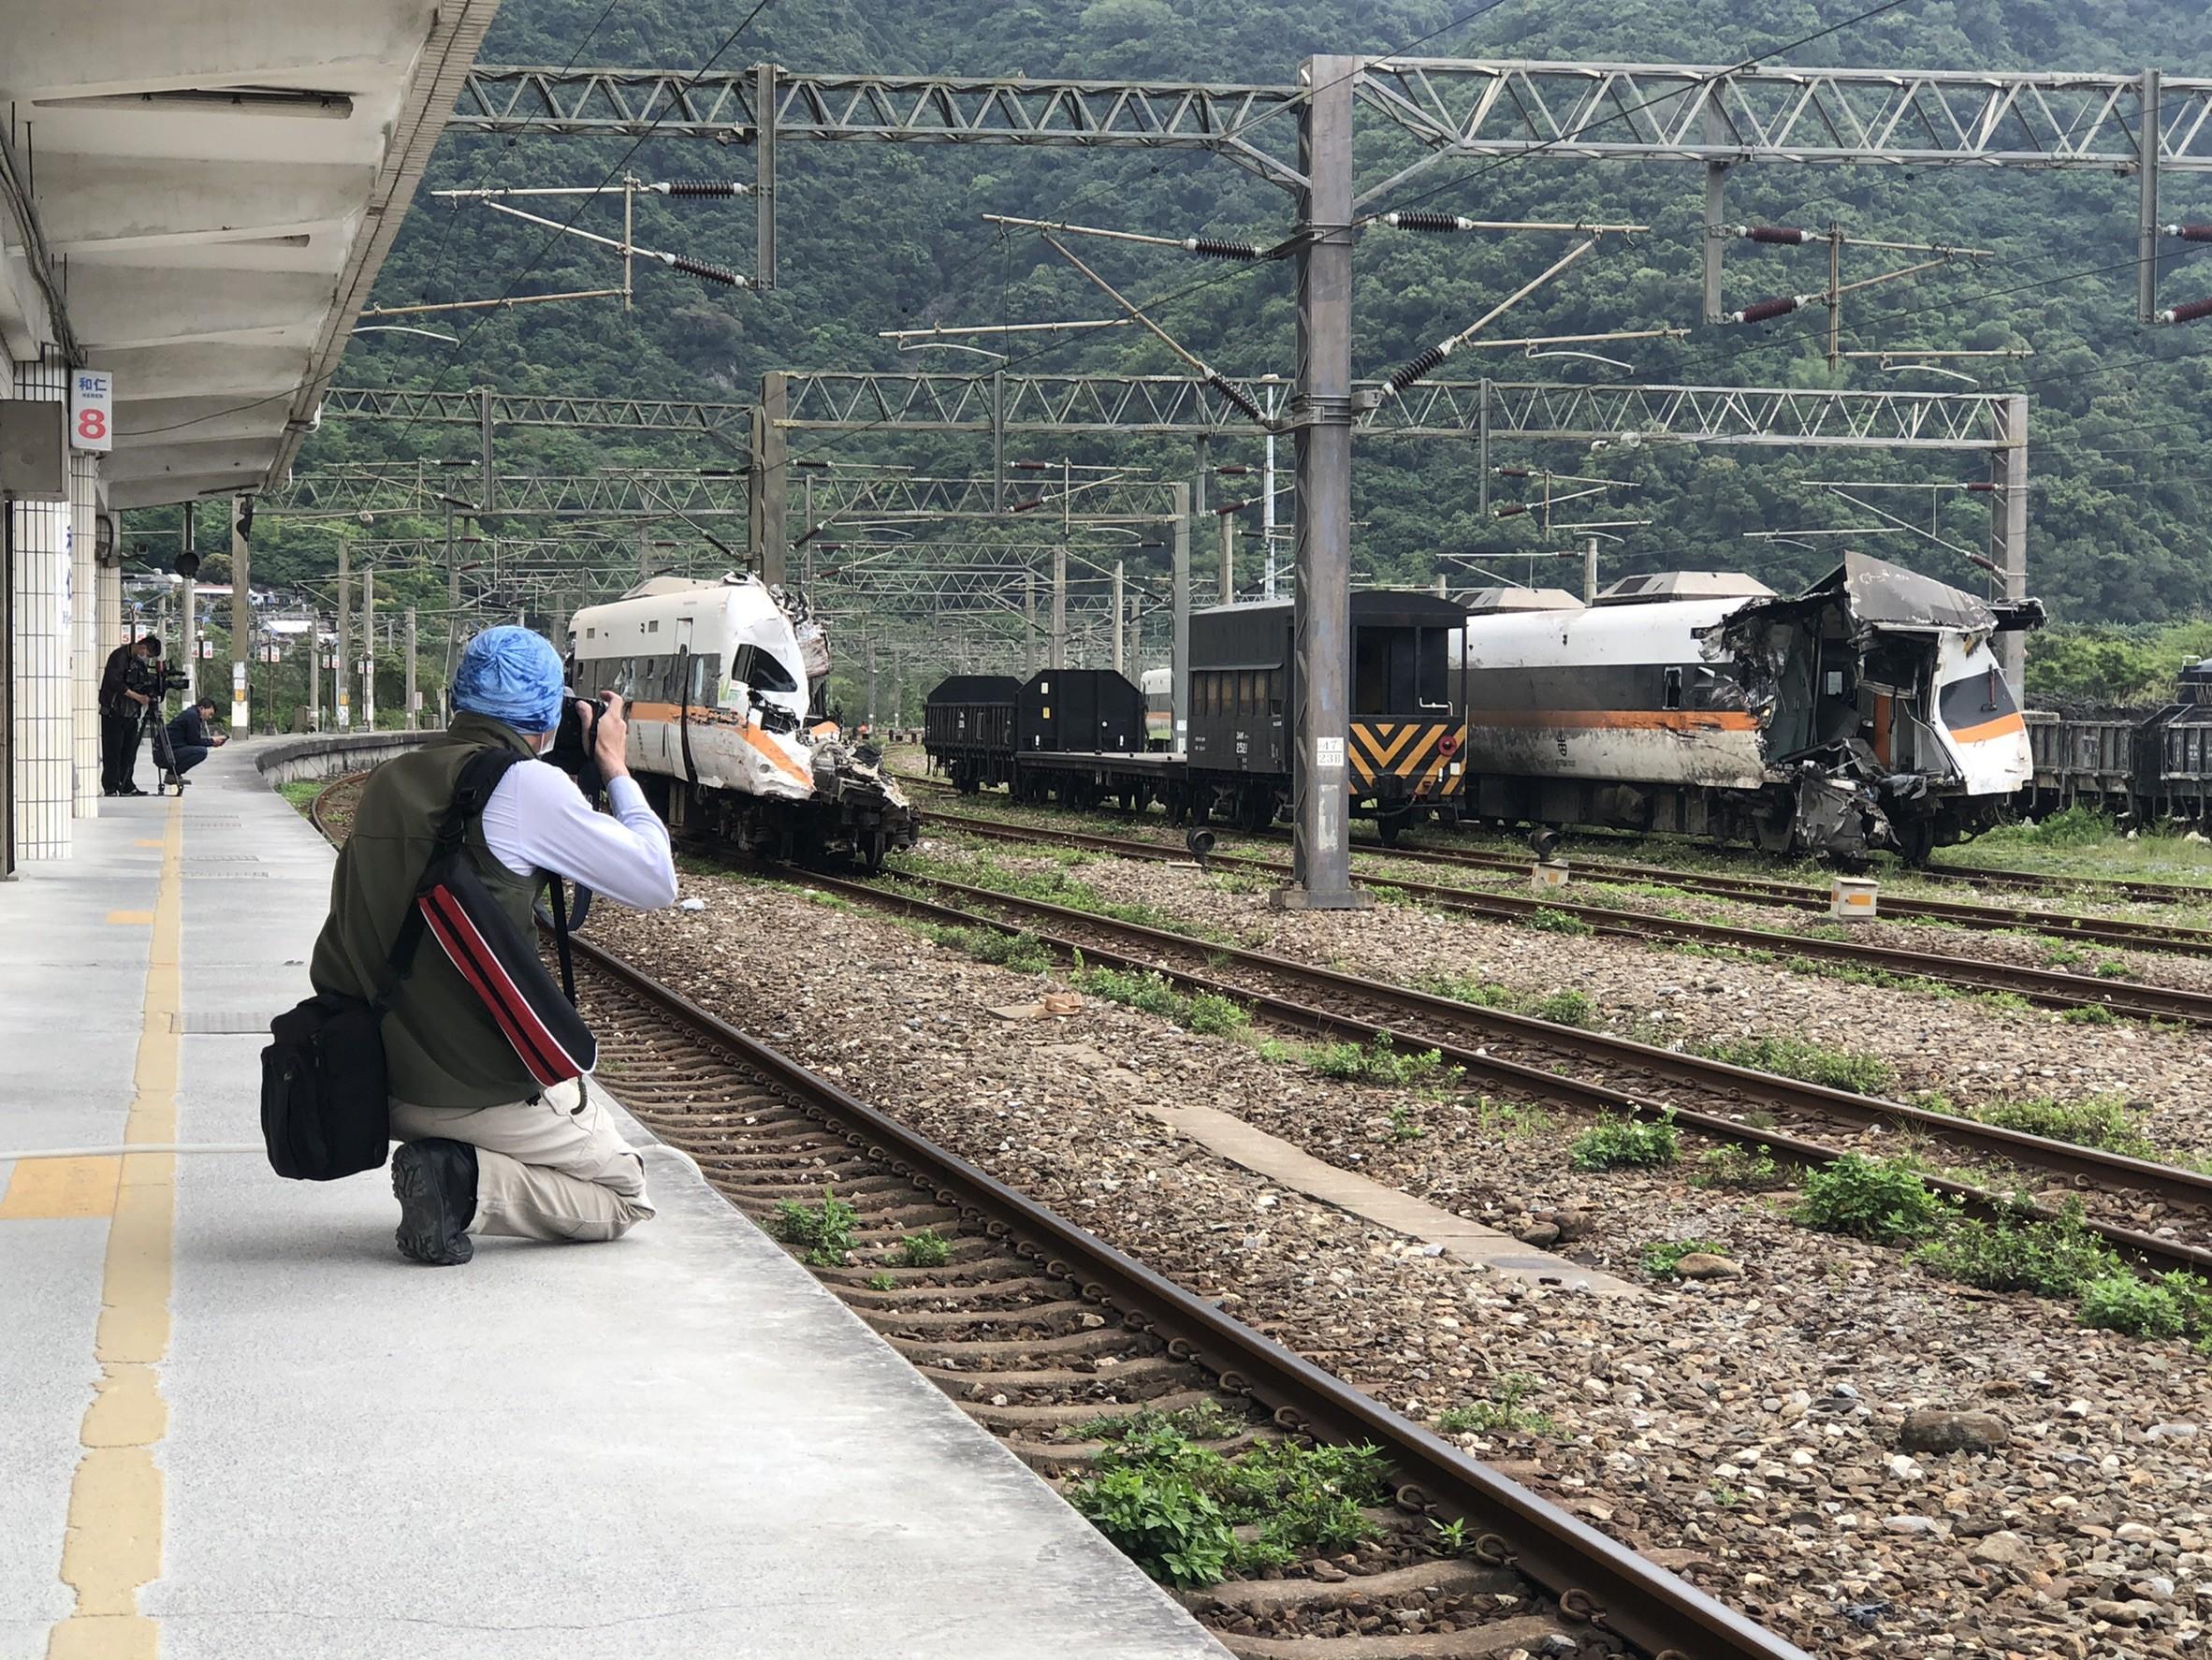 太魯閣號,事故,台鐵408,台鐵,交通部,王國材,和解,運安會